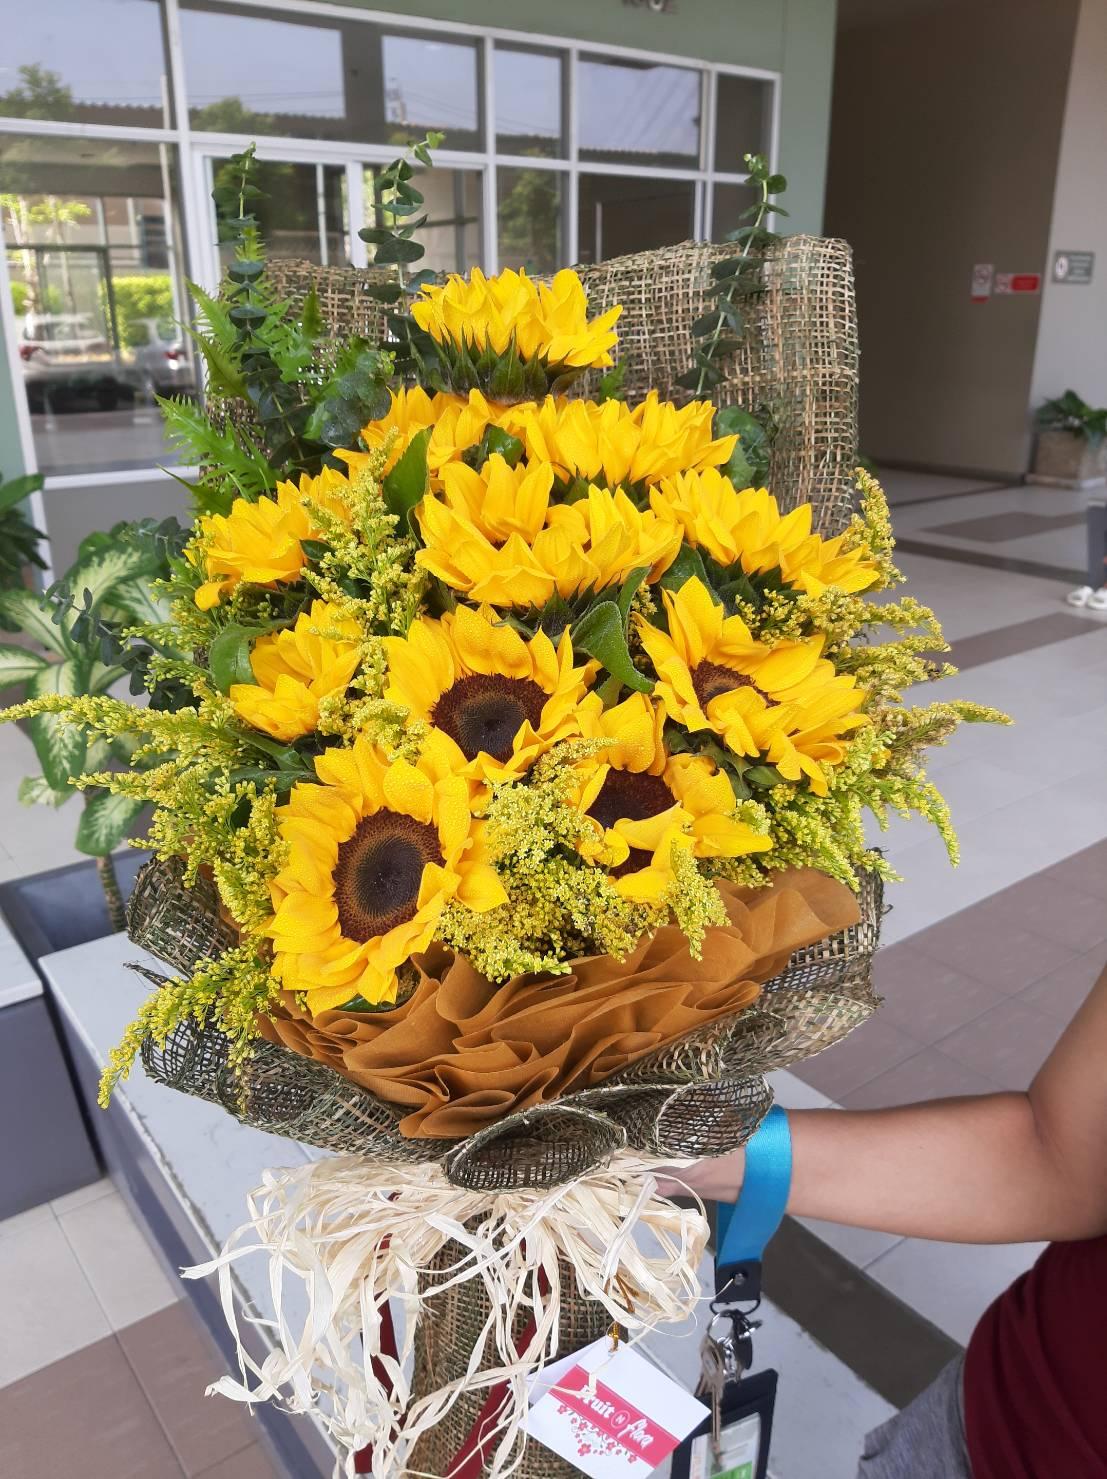 ดอกทานตะวันสวย ๆ จัดเป็นช่อดอกไม้โทนสีน้ำตาล งดงามดีเหมือนกัน